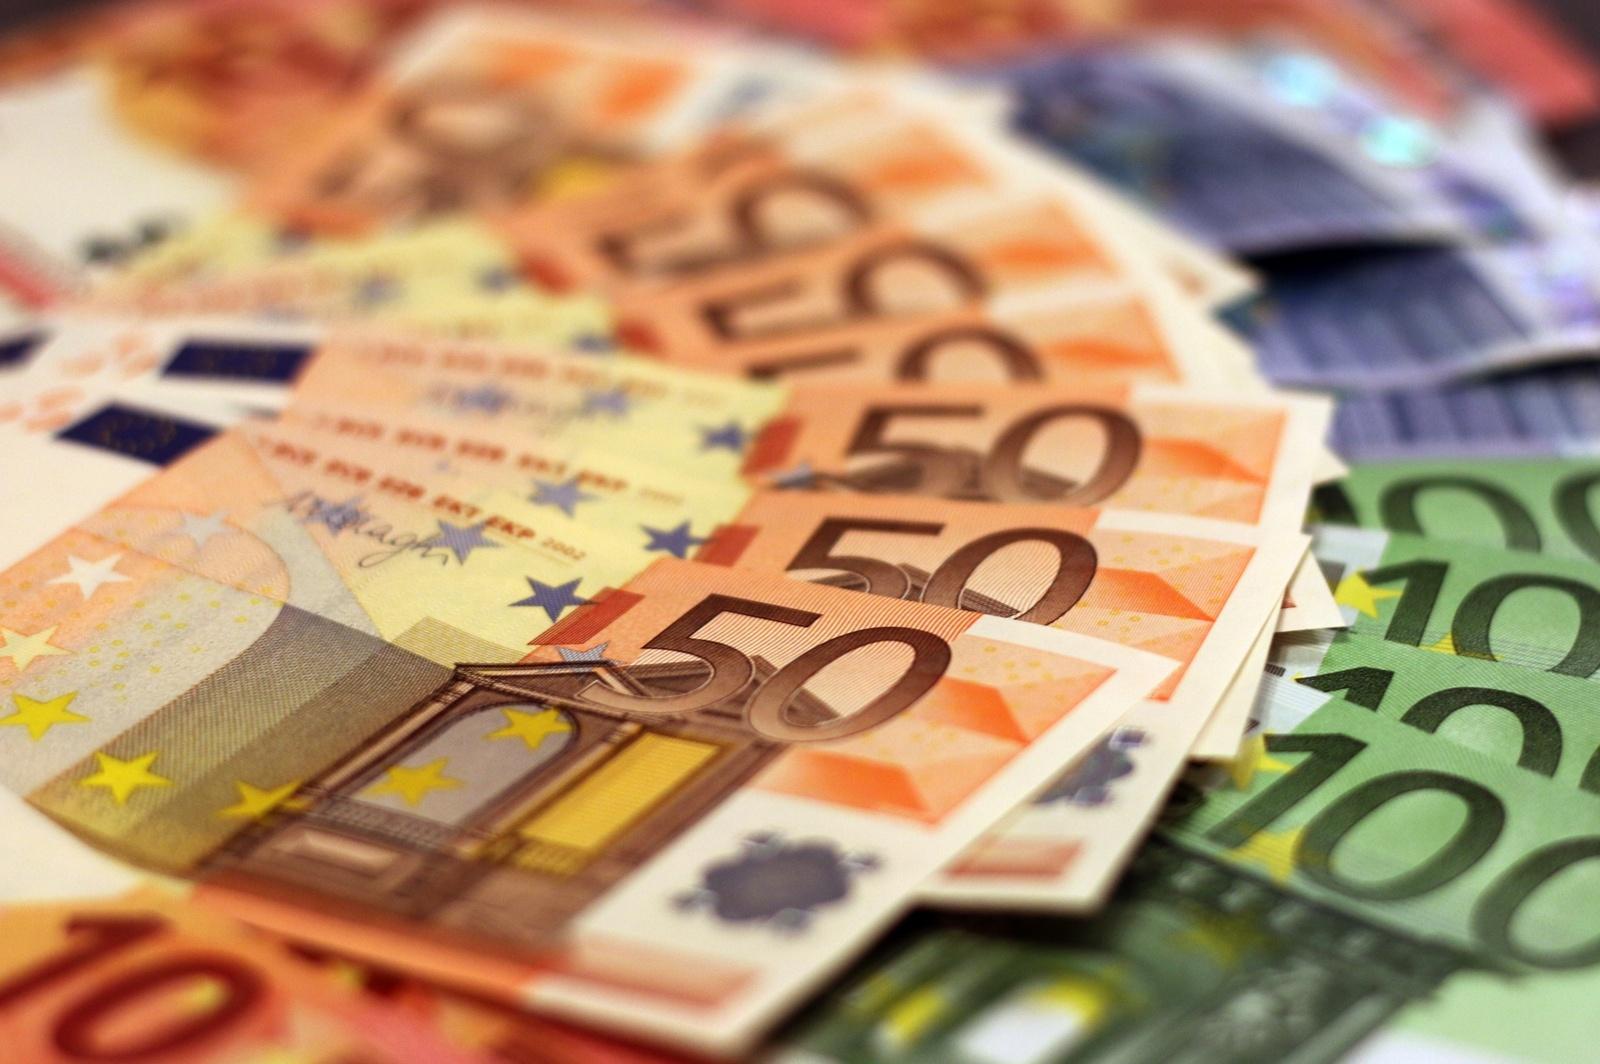 Valstybės ir savivaldybių biudžetai gavo beveik ketvirtadaliu daugiau pajamų nei pernai